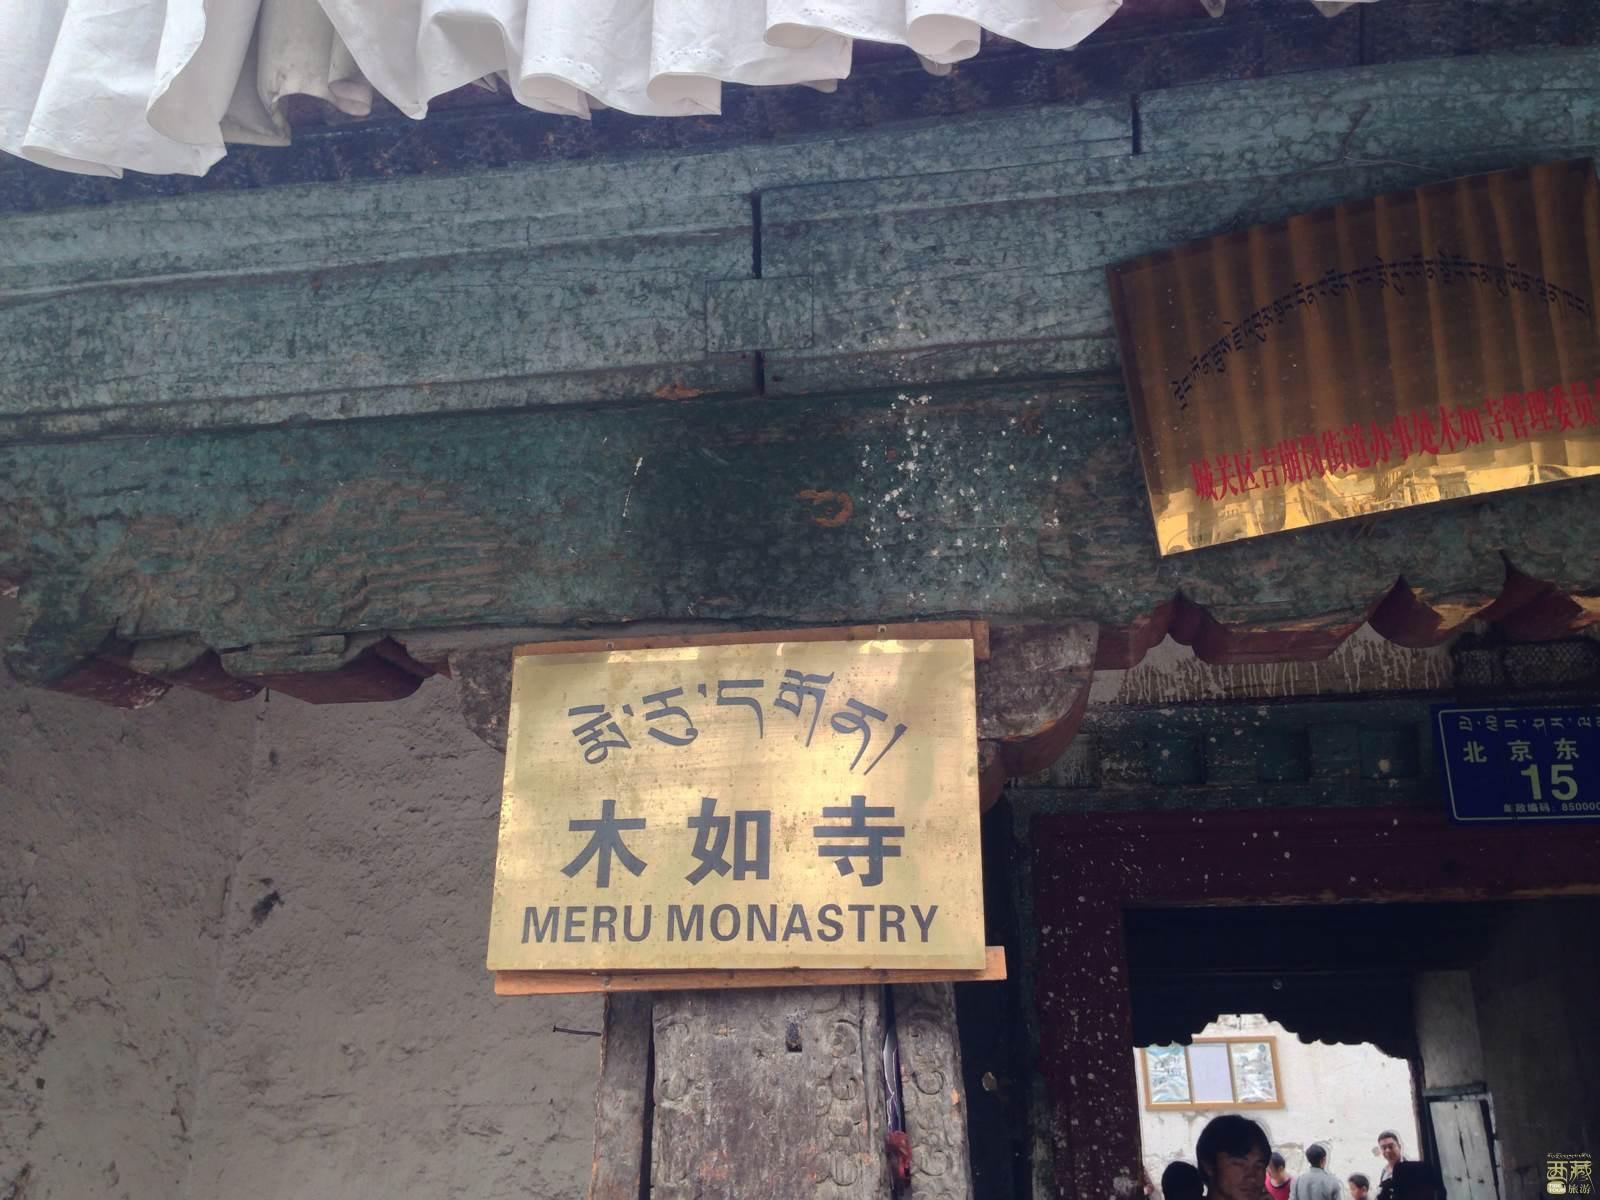 西藏拉萨-木如寺,西藏,拉萨